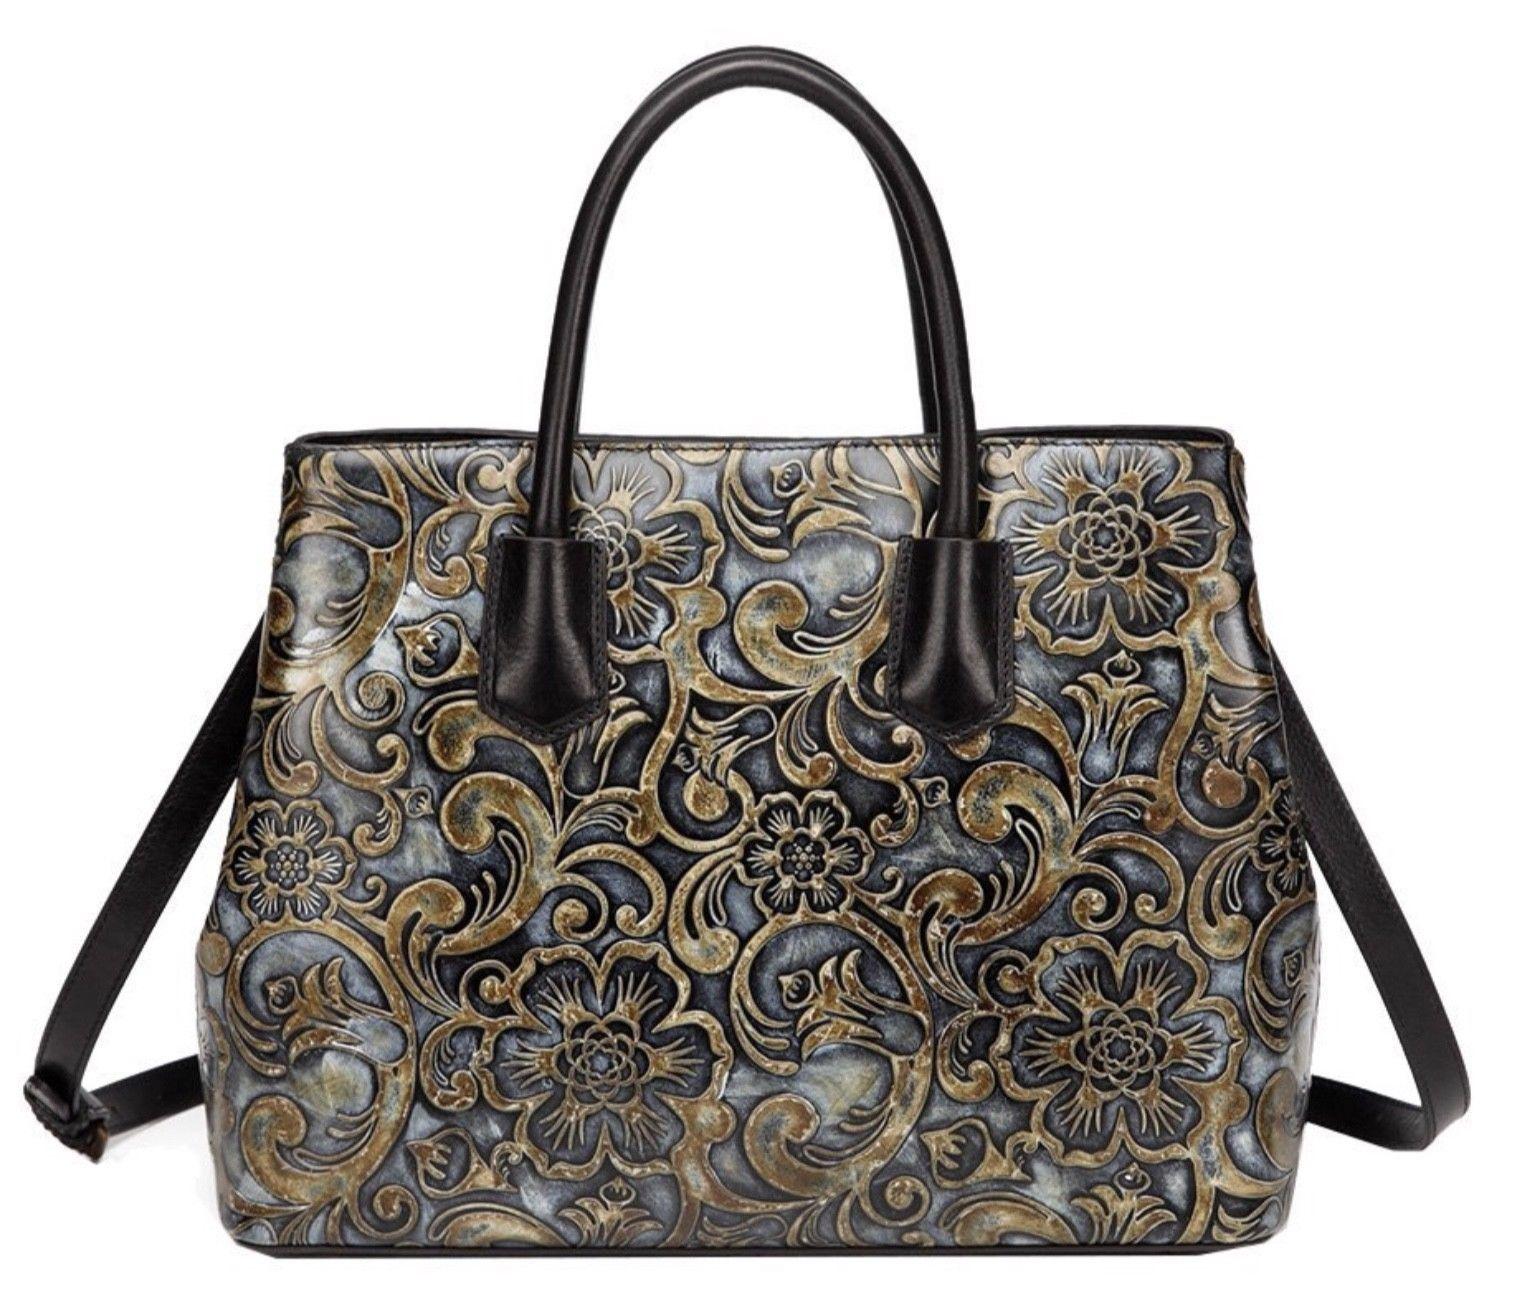 Floral Embossed Italian Leather Tote Satchel Handbag Shoulder Bag Free Wallet